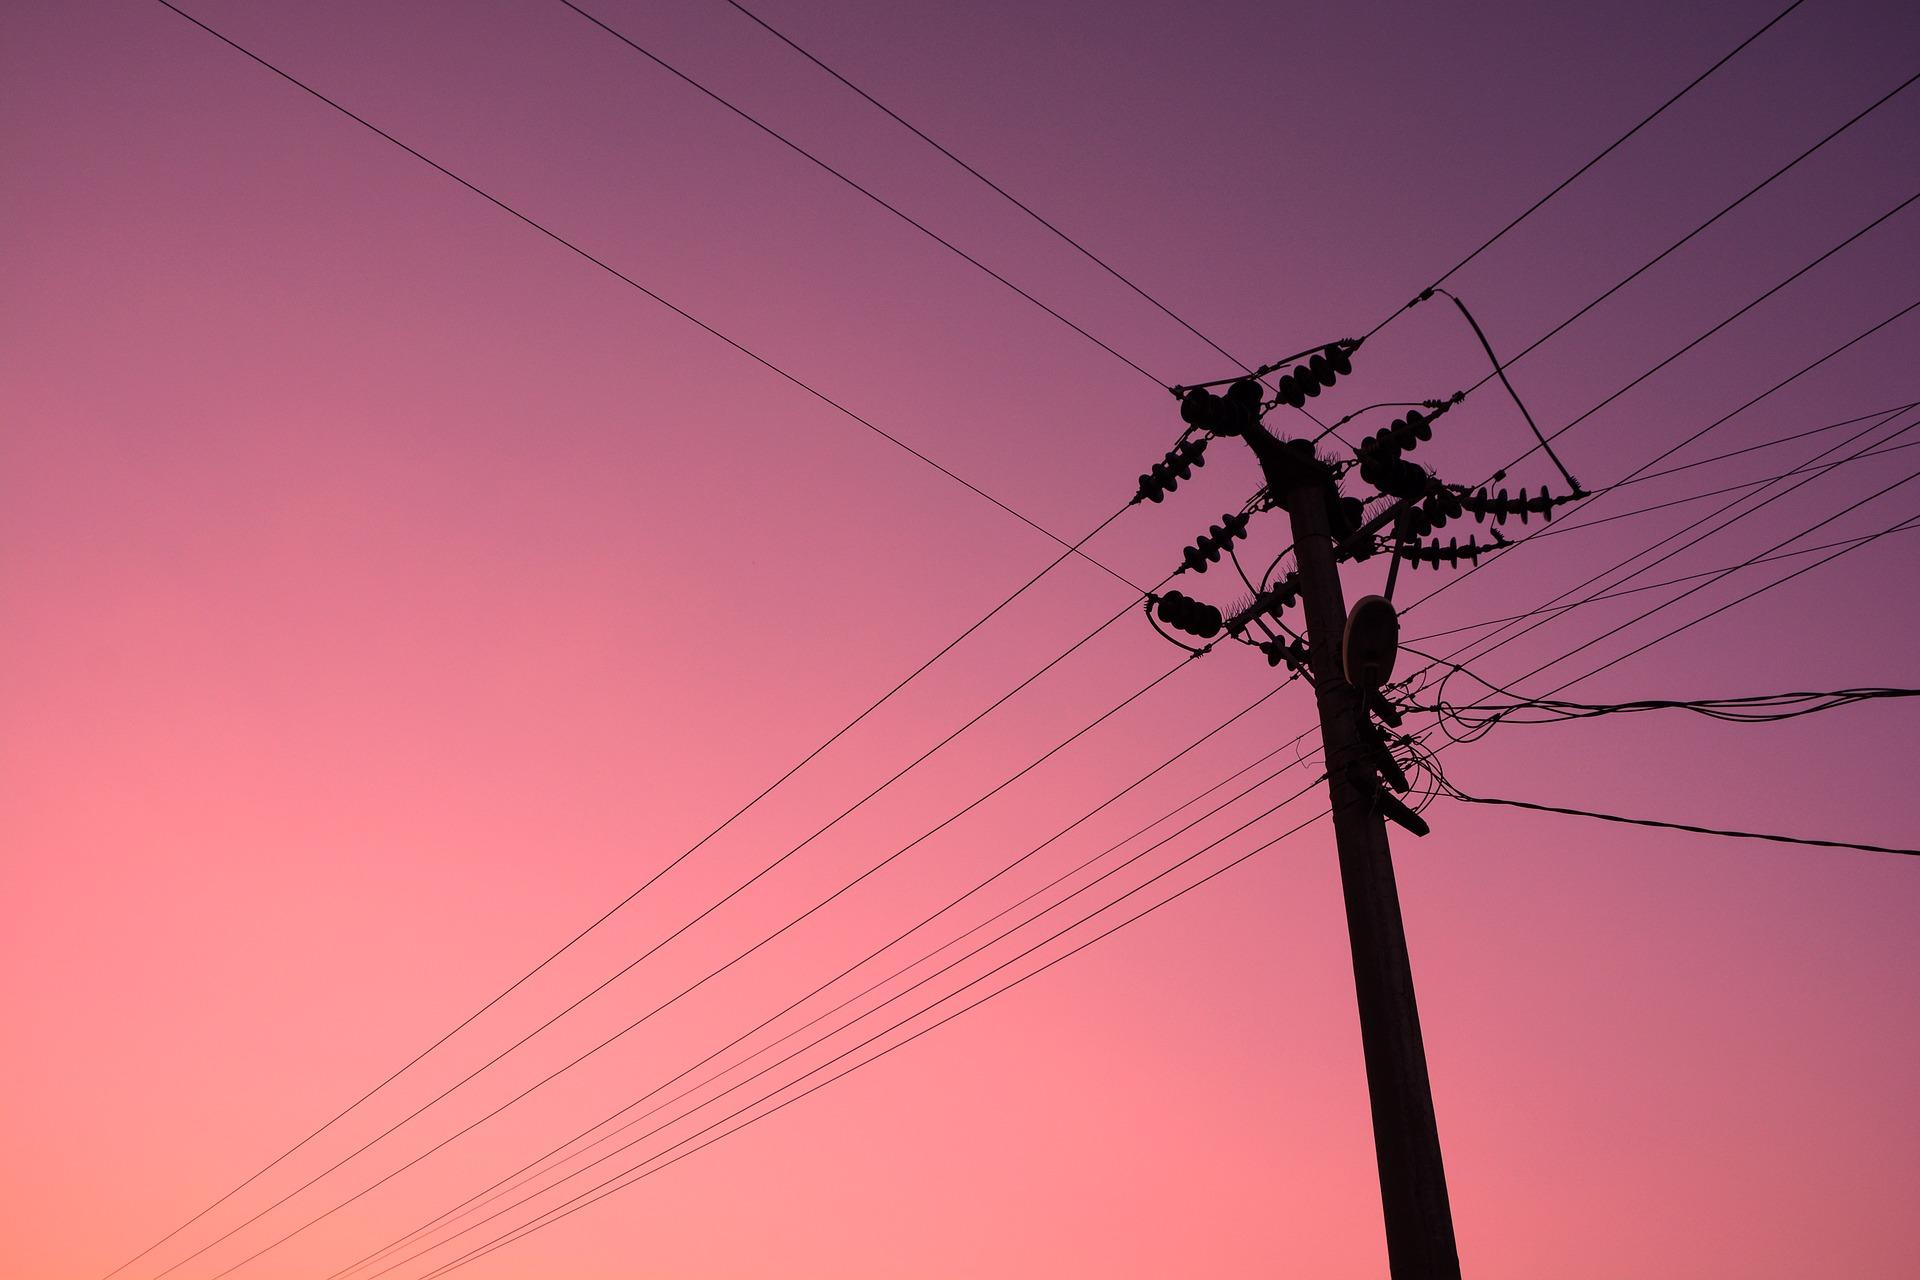 Tryb zgłaszania awarii oświetlenia ulicznego (słupy gminne)